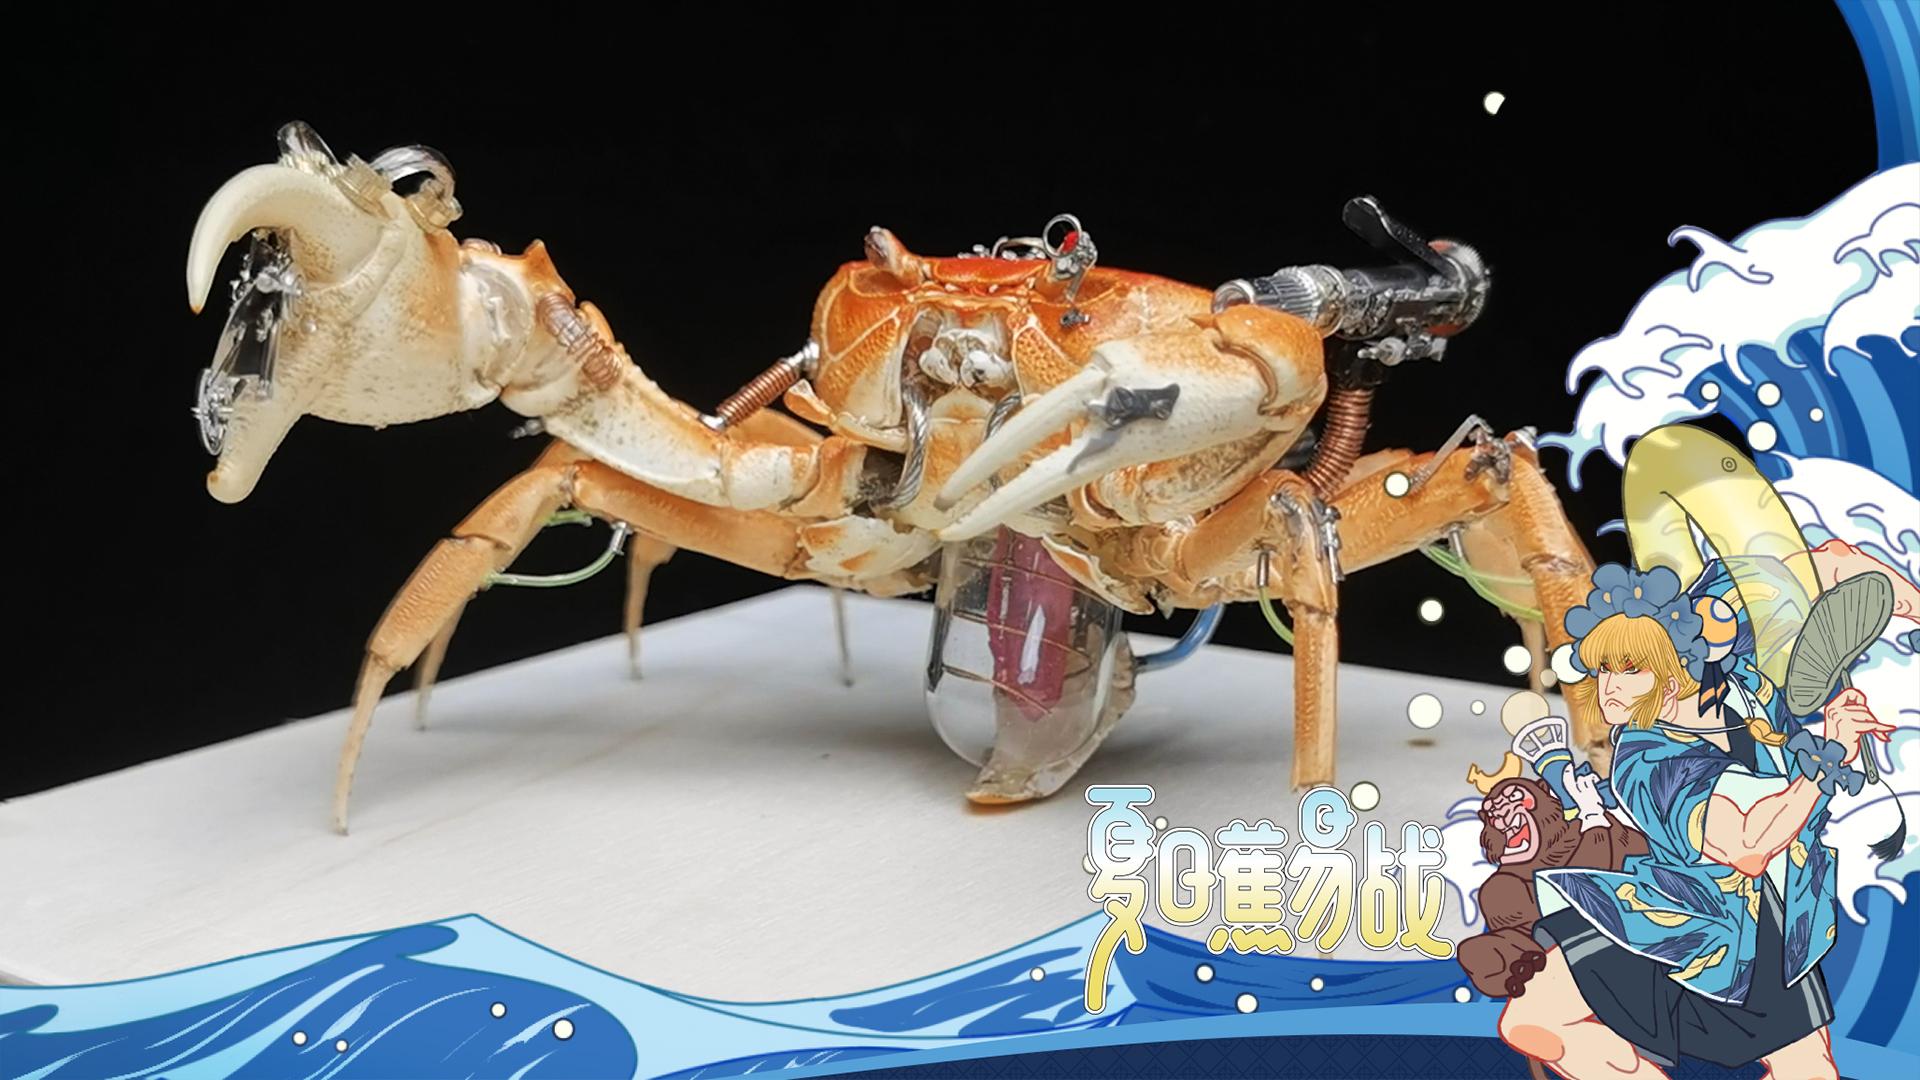 螃蟹:请把我做成一般人不敢吃的样子!